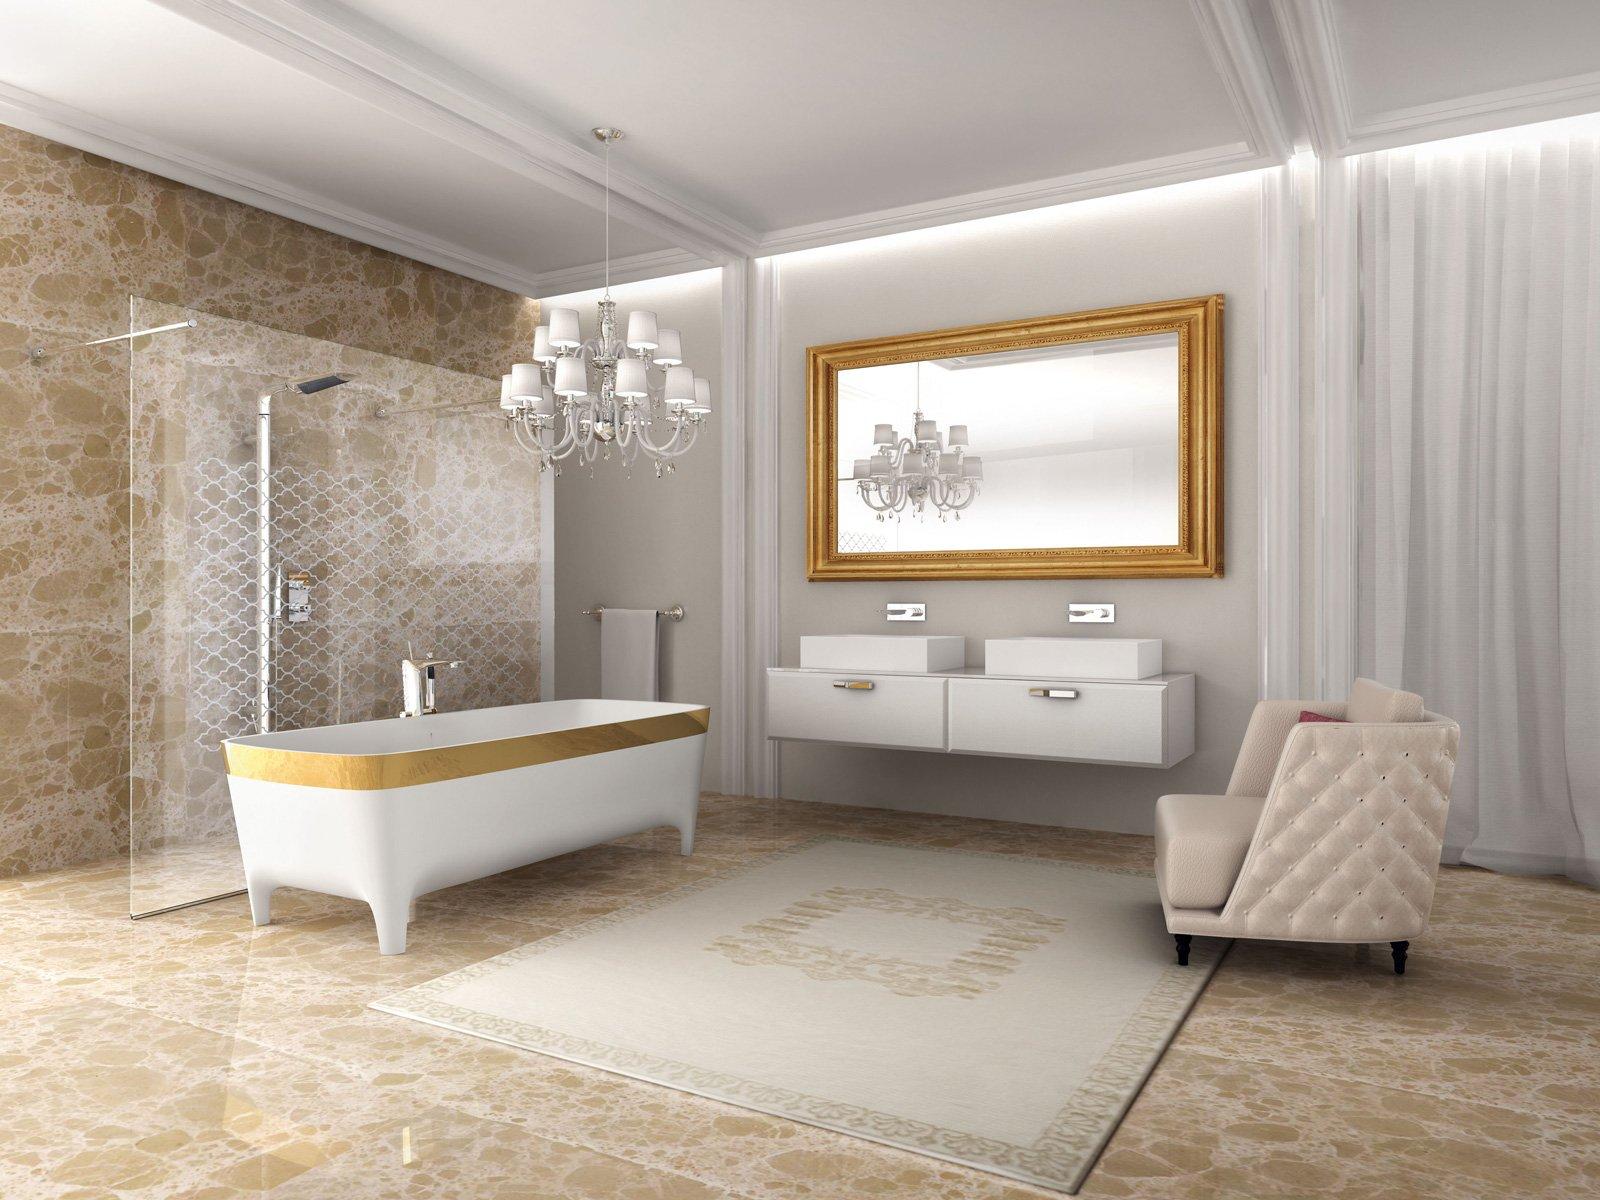 Specchi sopra il lavabo cose di casa for Specchi di arredamento